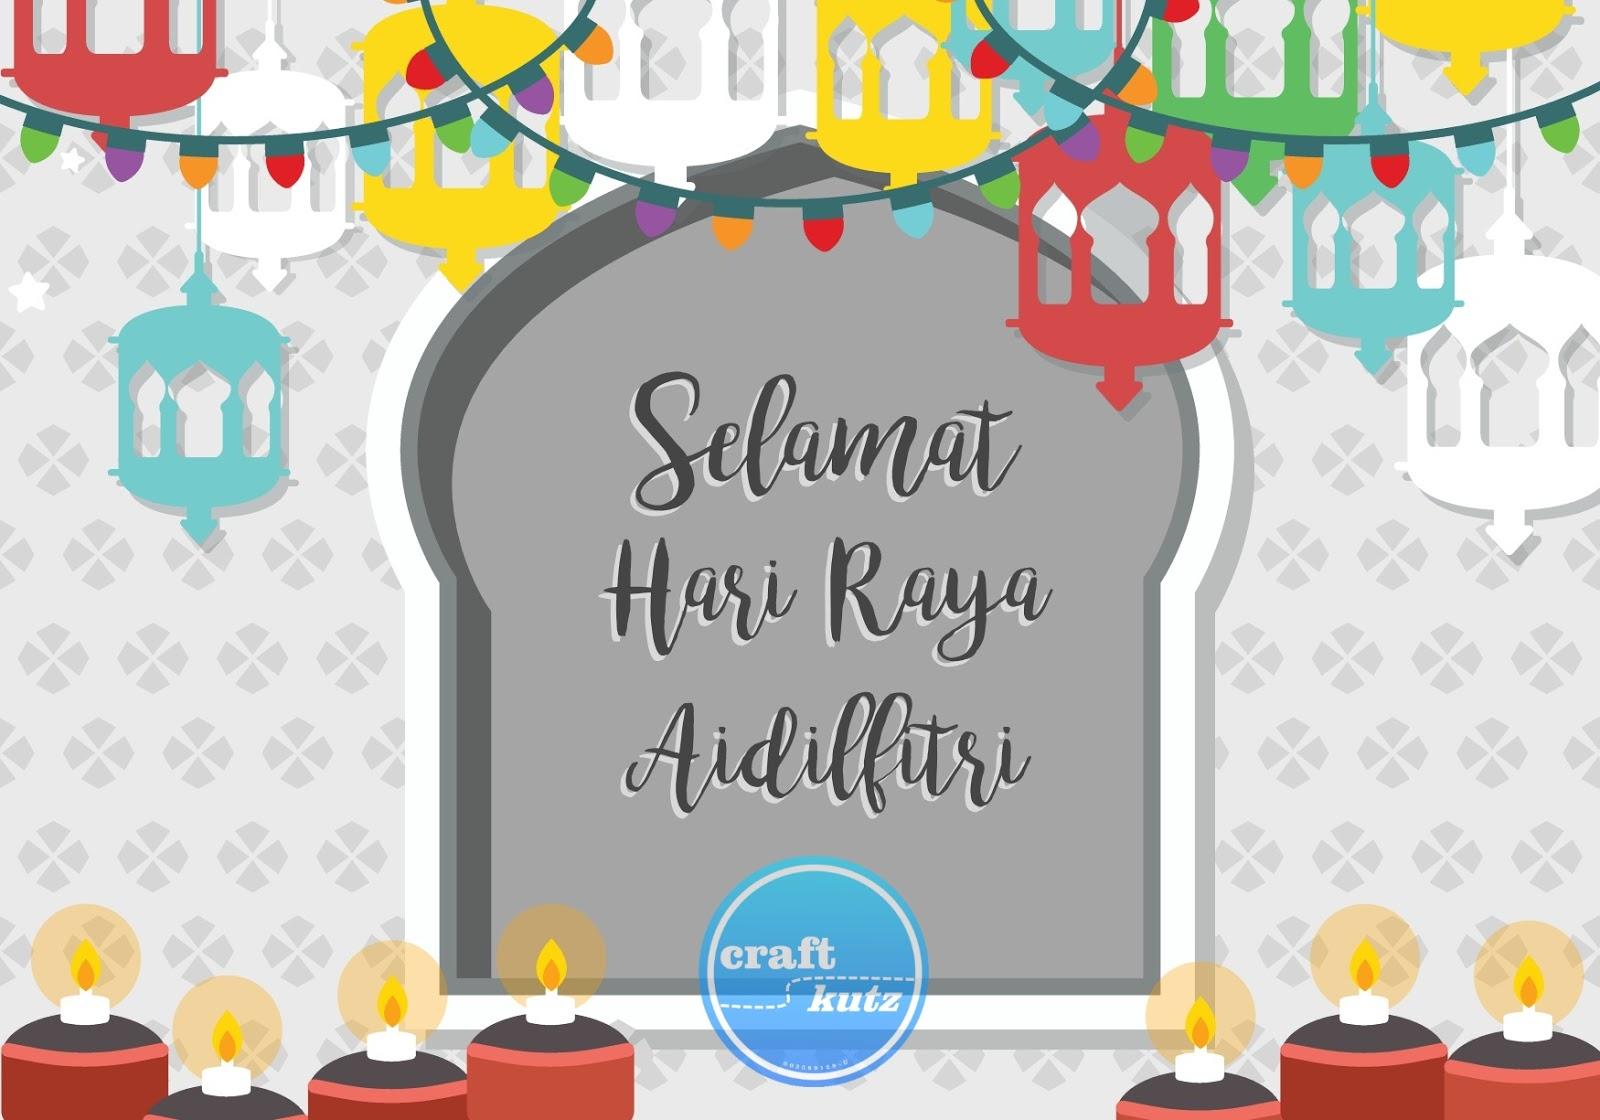 Selamat hari raya 2018